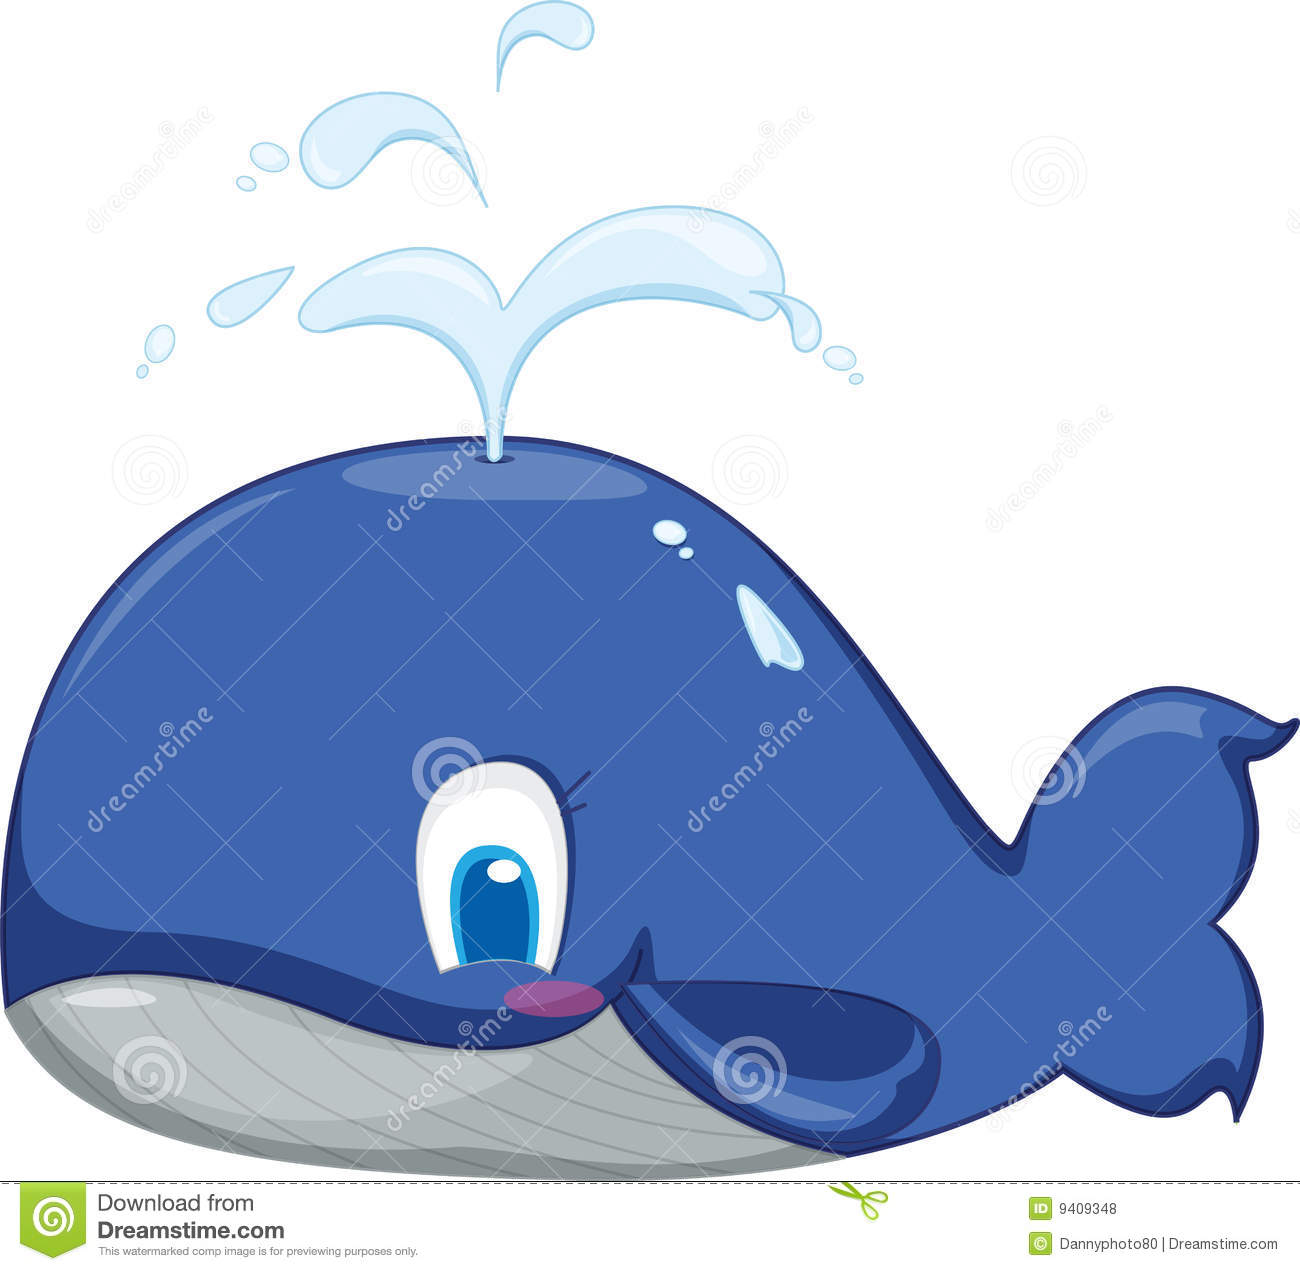 海洋中最大的哺乳类动物是什么?